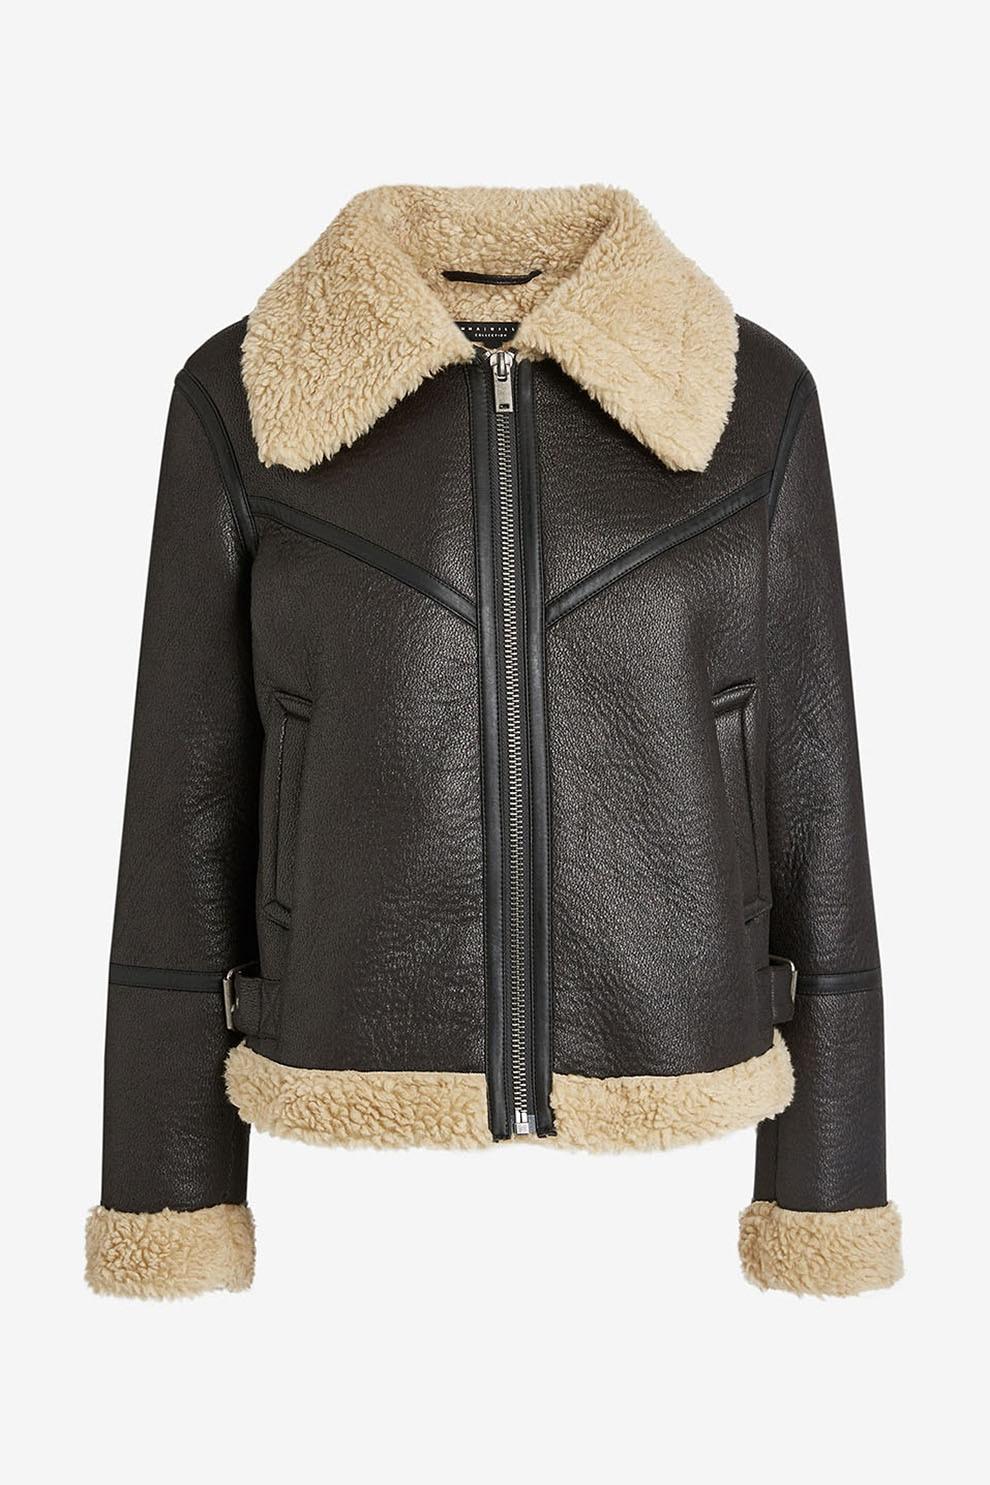 Női kabátok, dzsekik és mellények Típus Dzseki Anyag Bőr